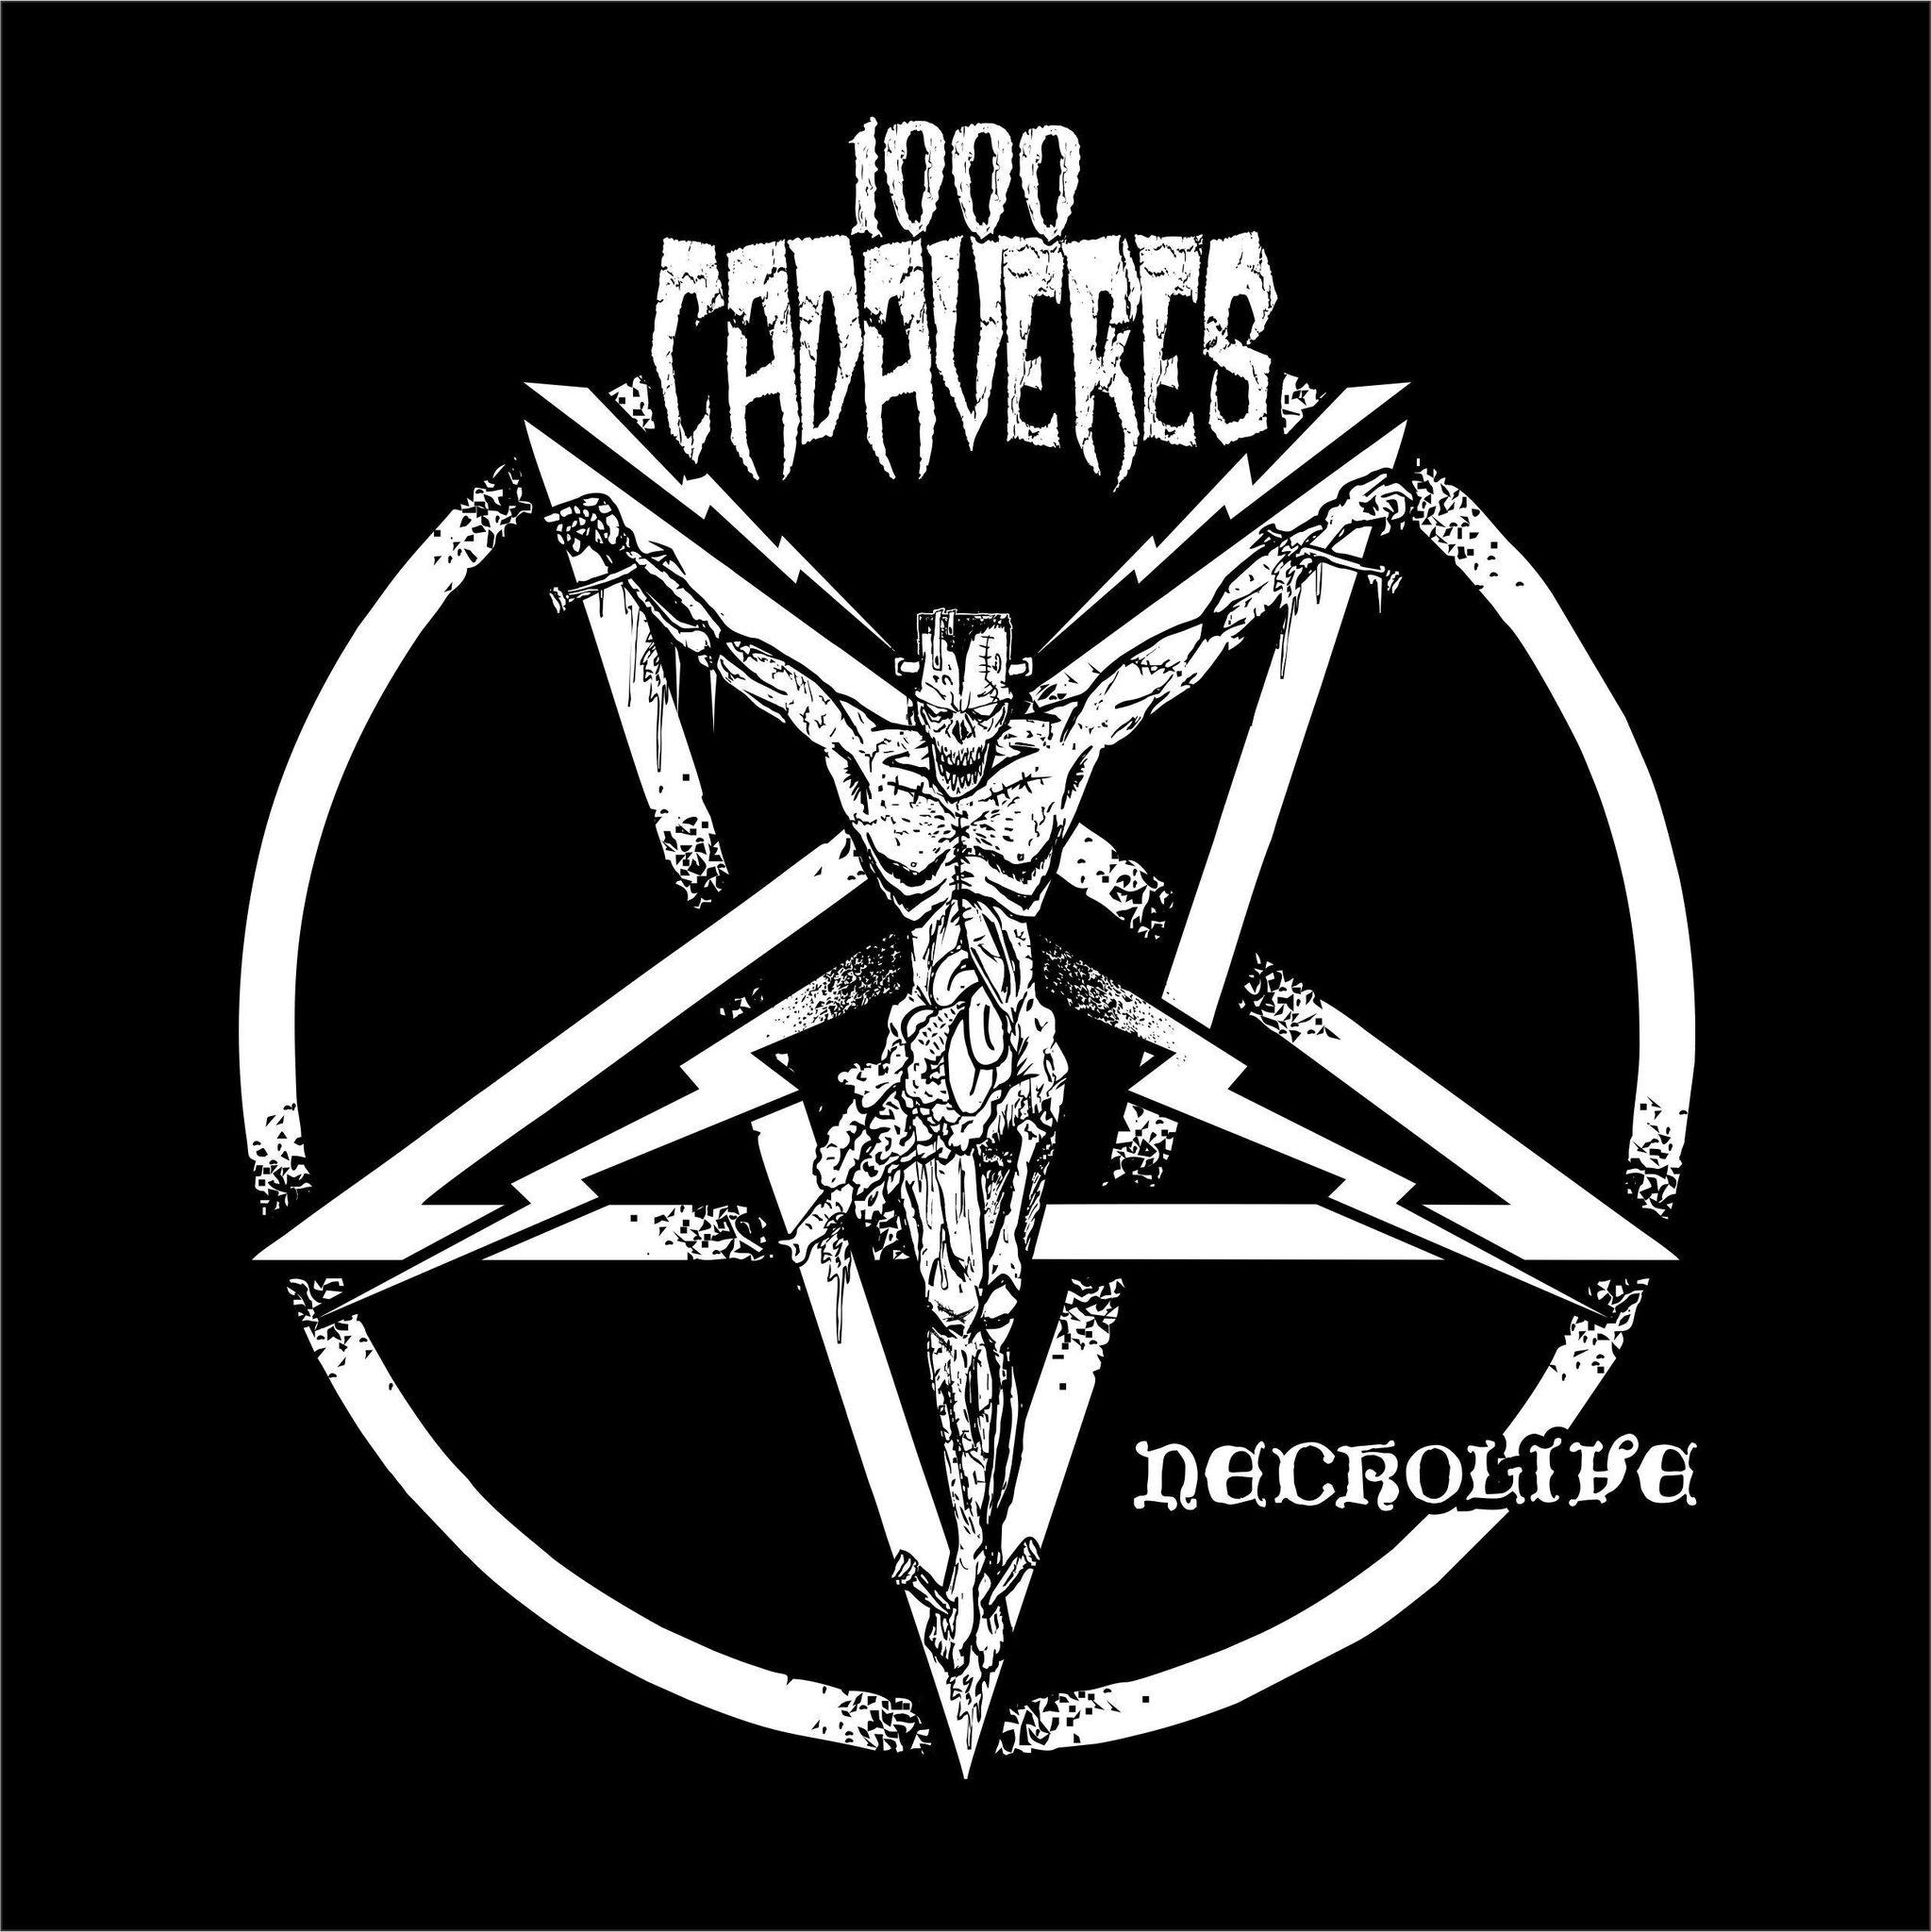 1000 Cadaveres - Necrolive